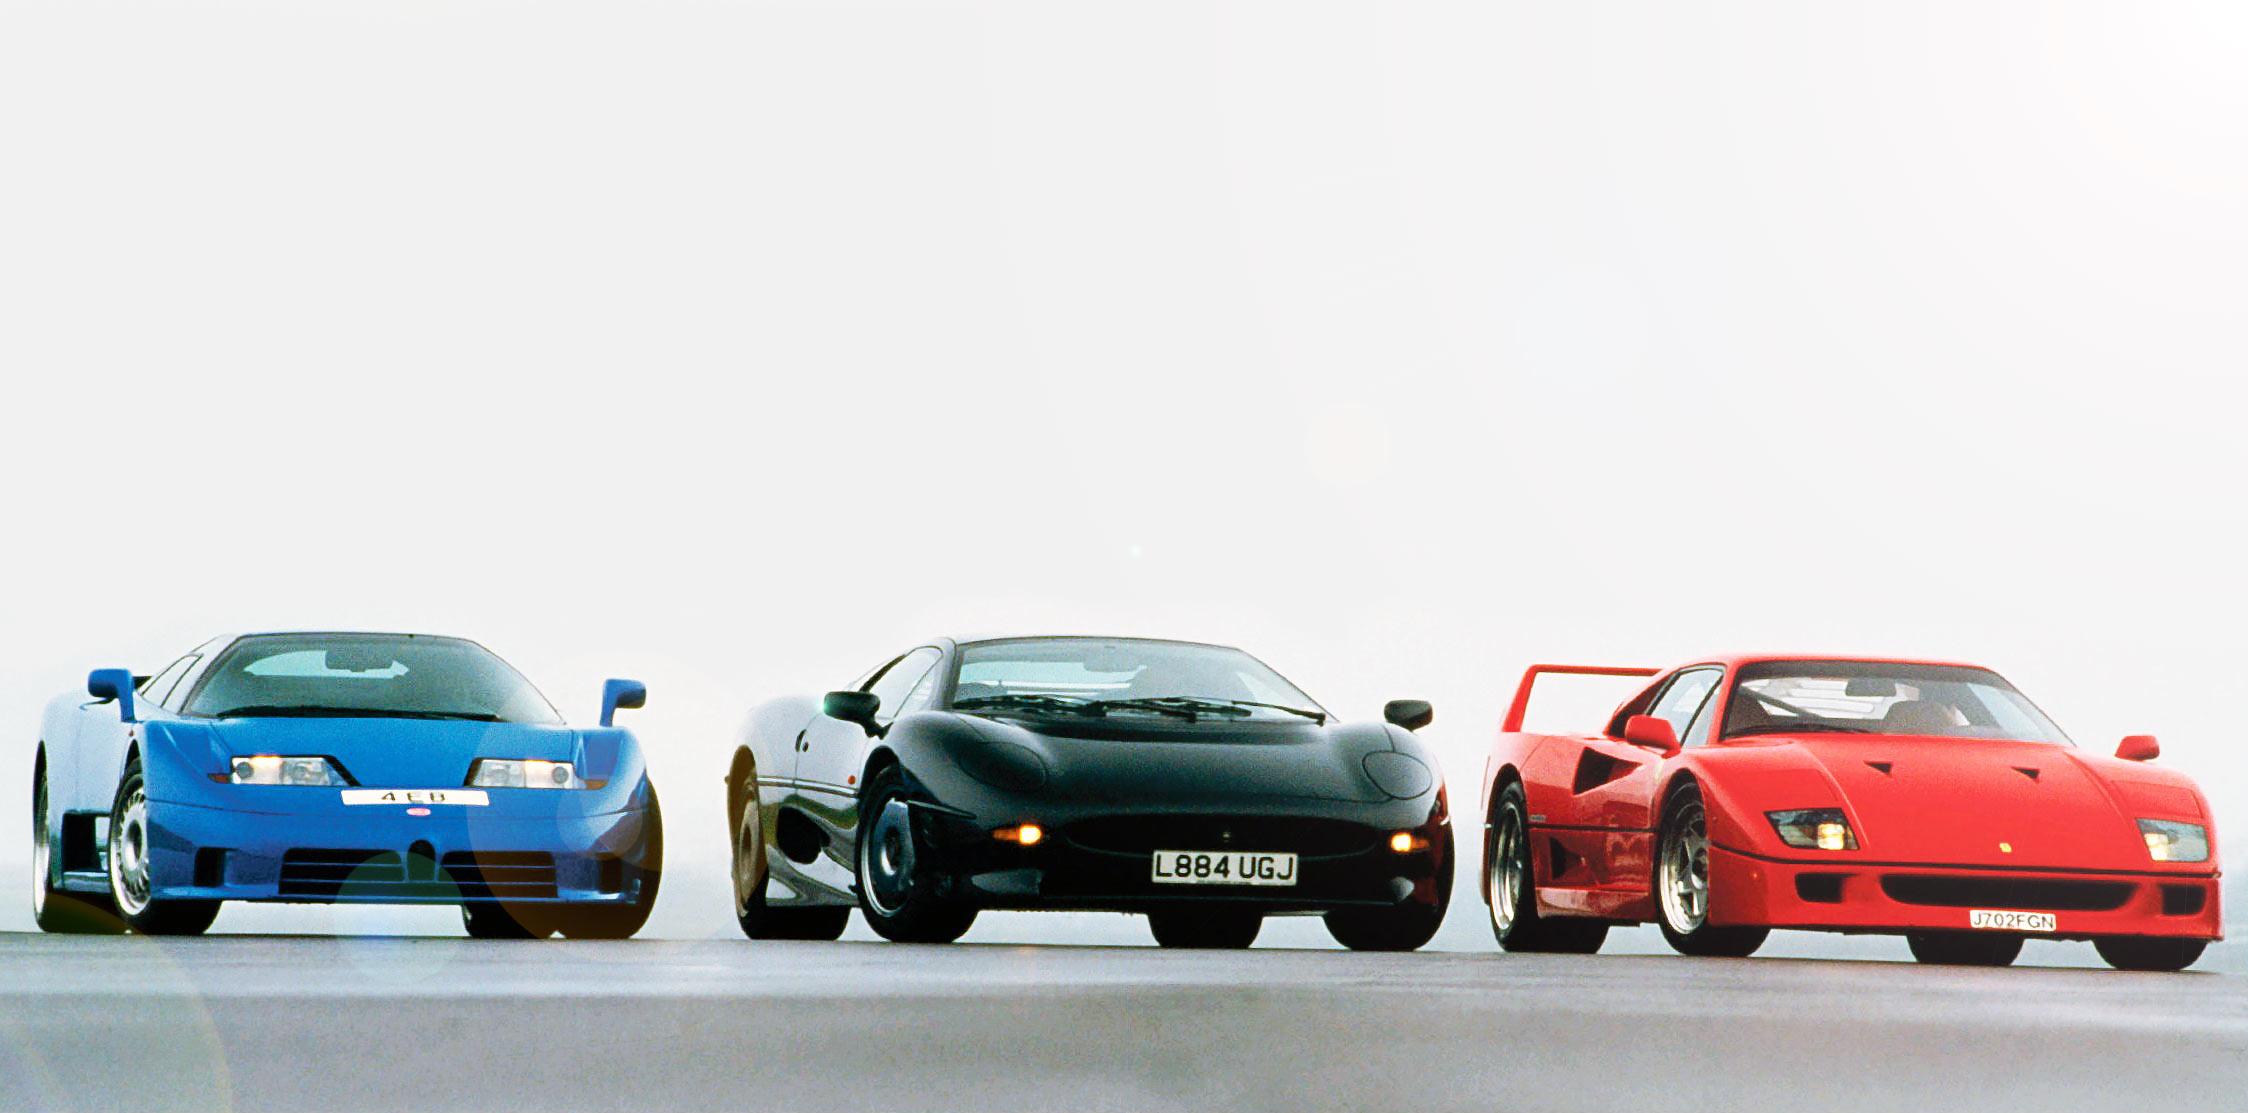 1994 Group Road Test Bugatti Eb 110 Vs Ferrari F40 And